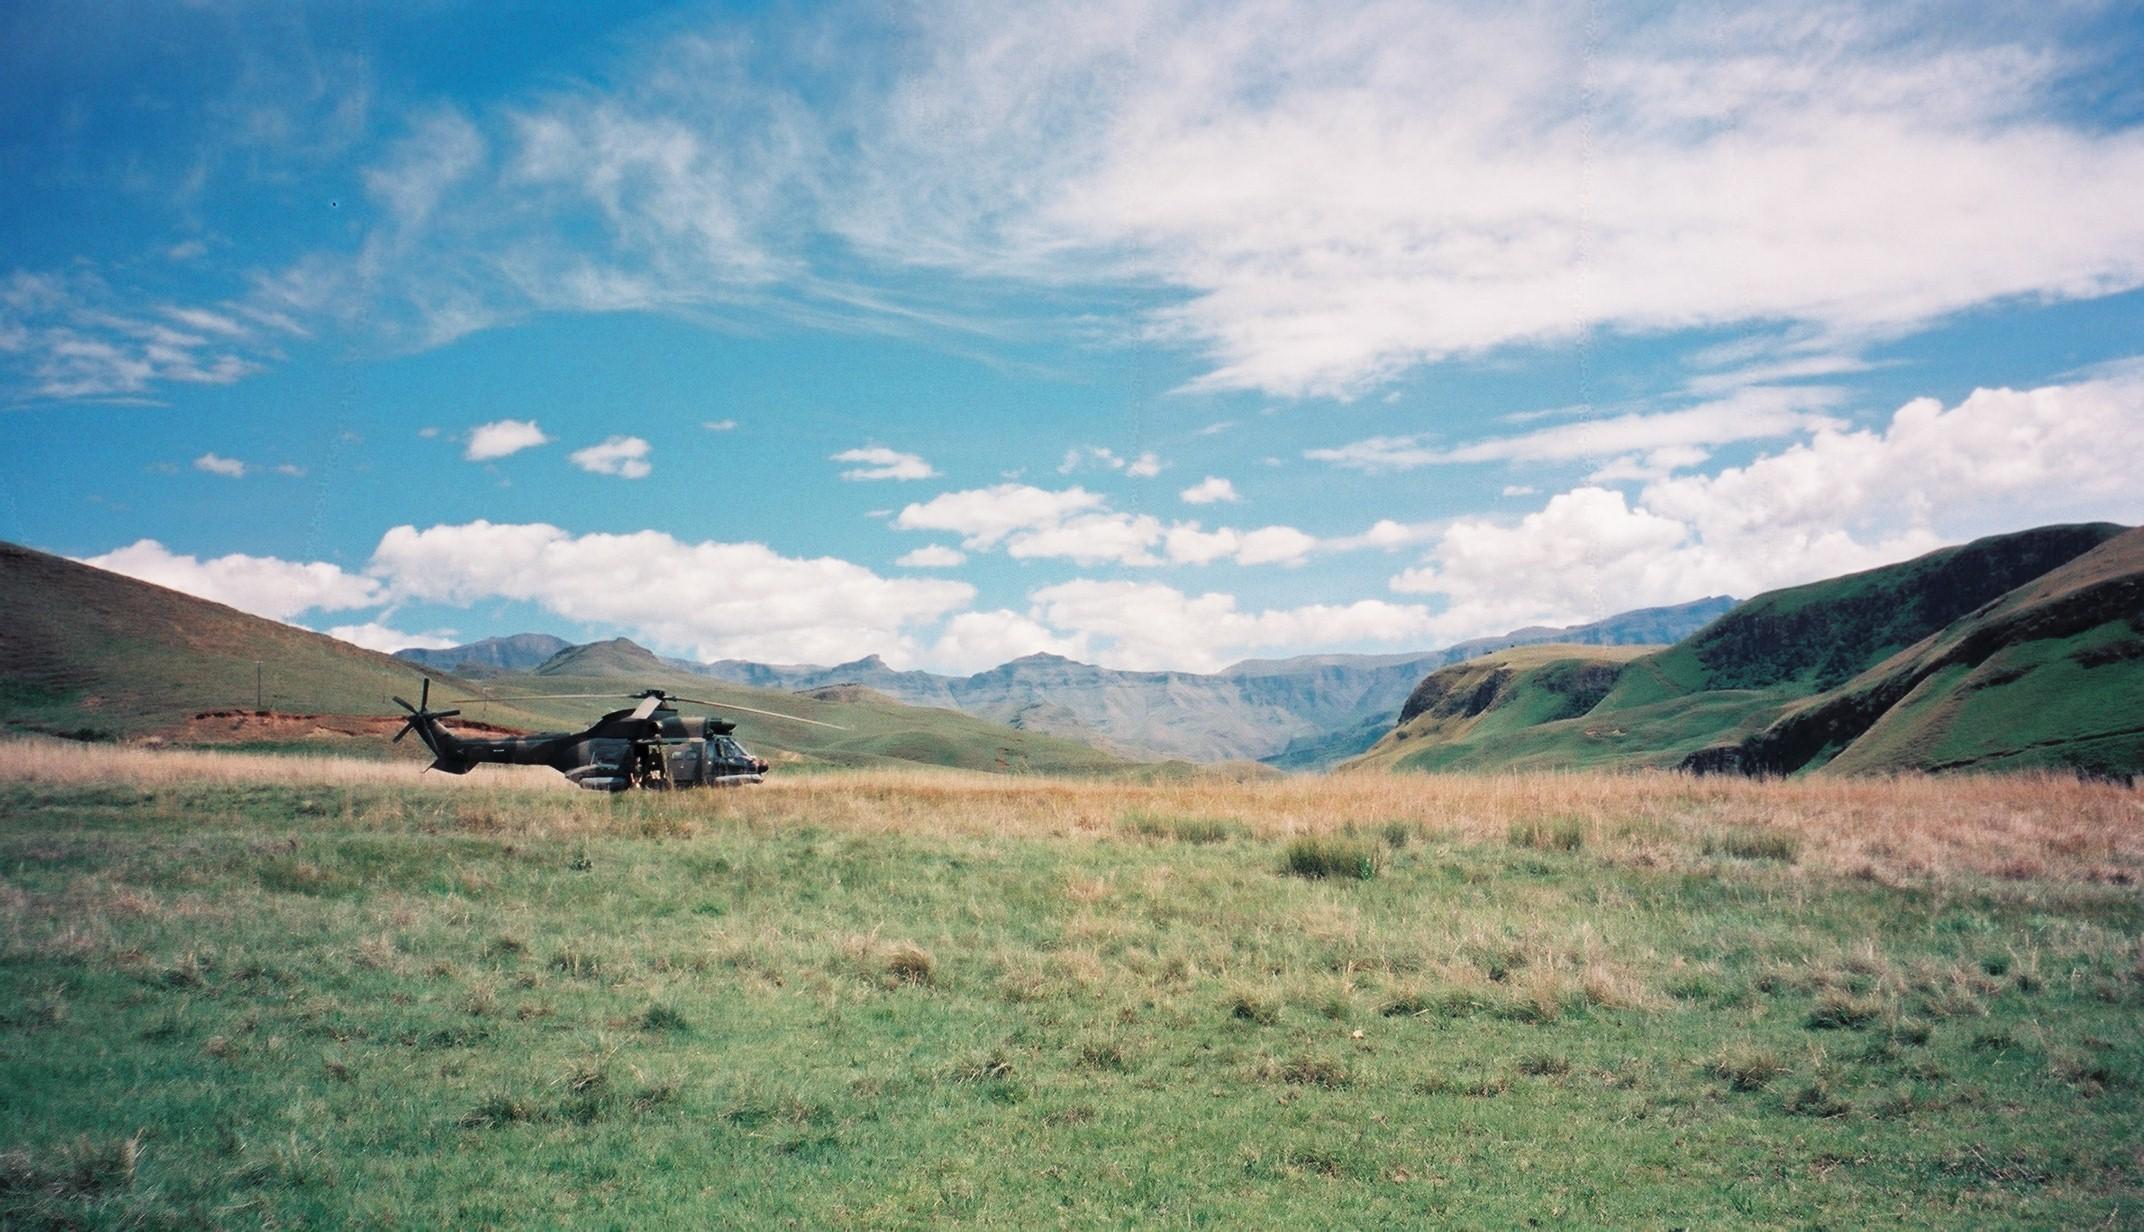 In the Drakensberg